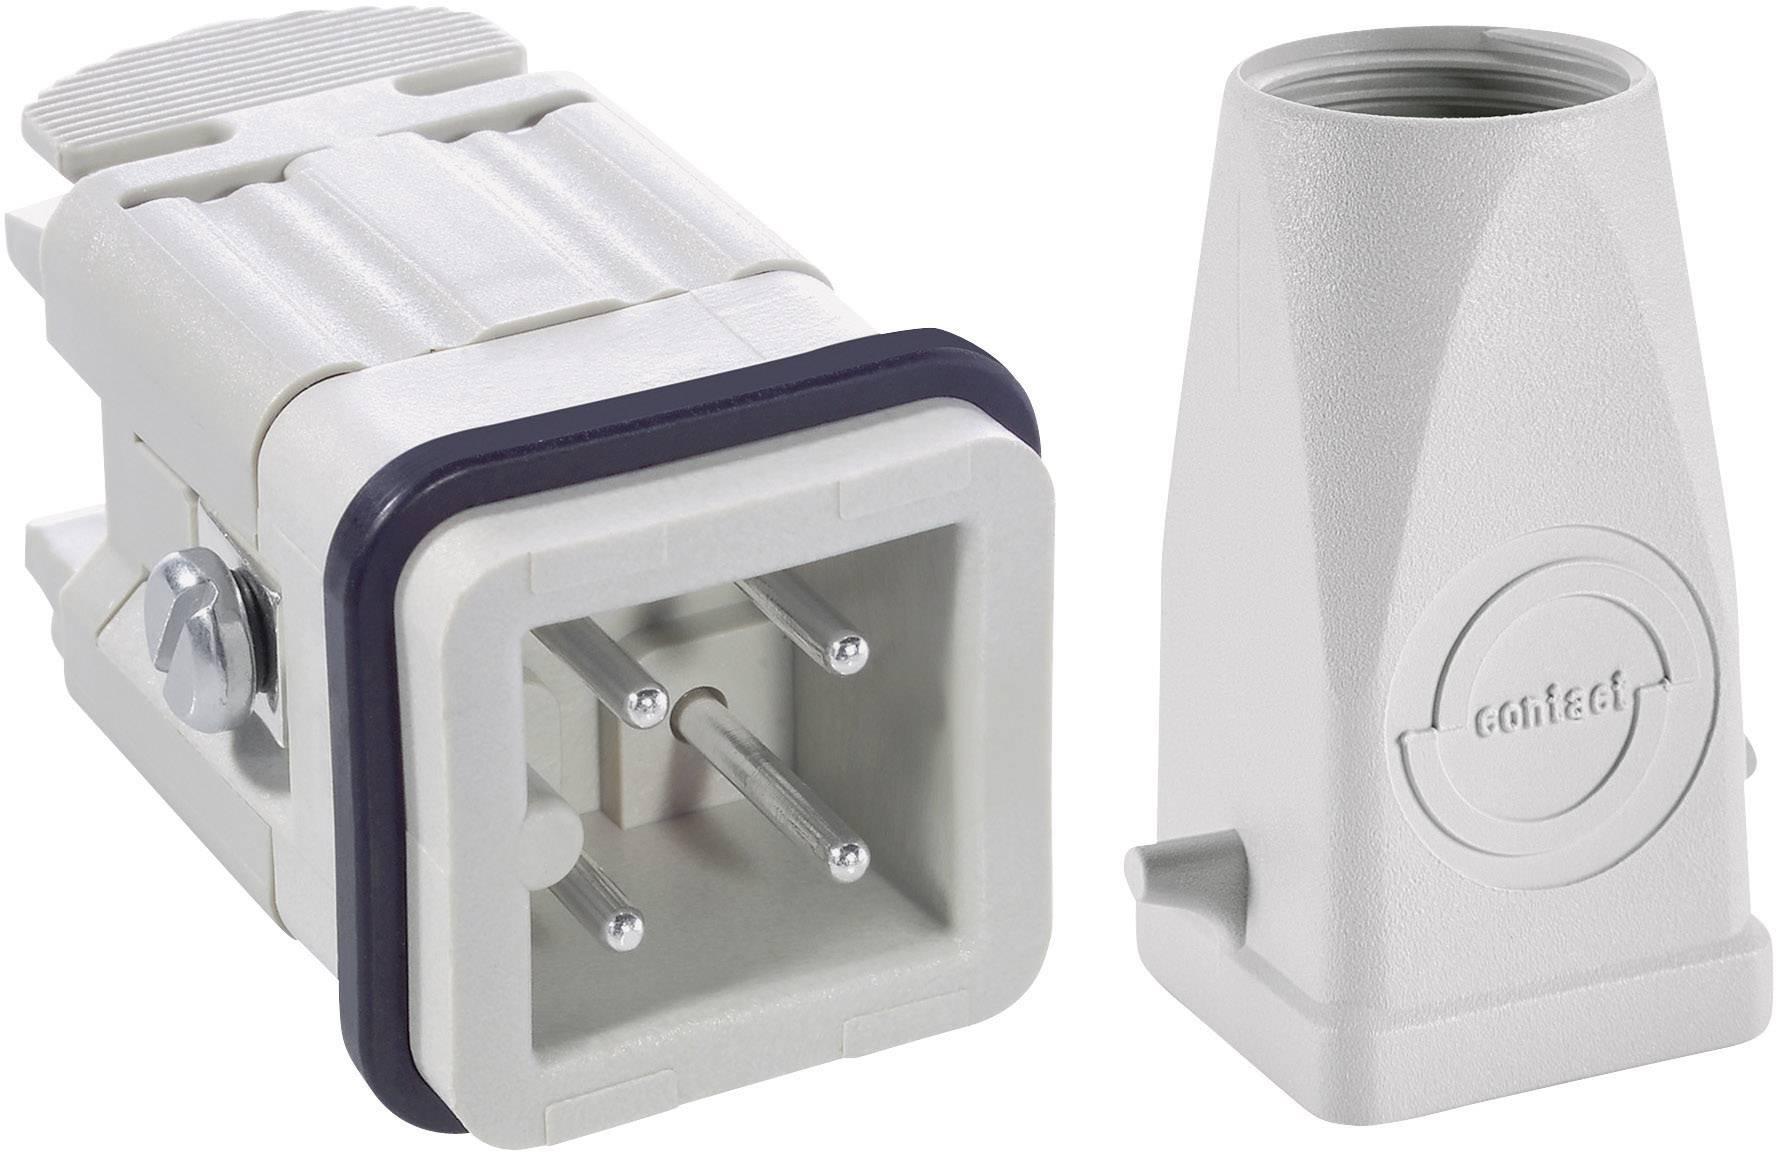 Sada konektorů EPIC®KIT H-A 3 75009601 LAPP 3 + PE šroubovací 1 sada